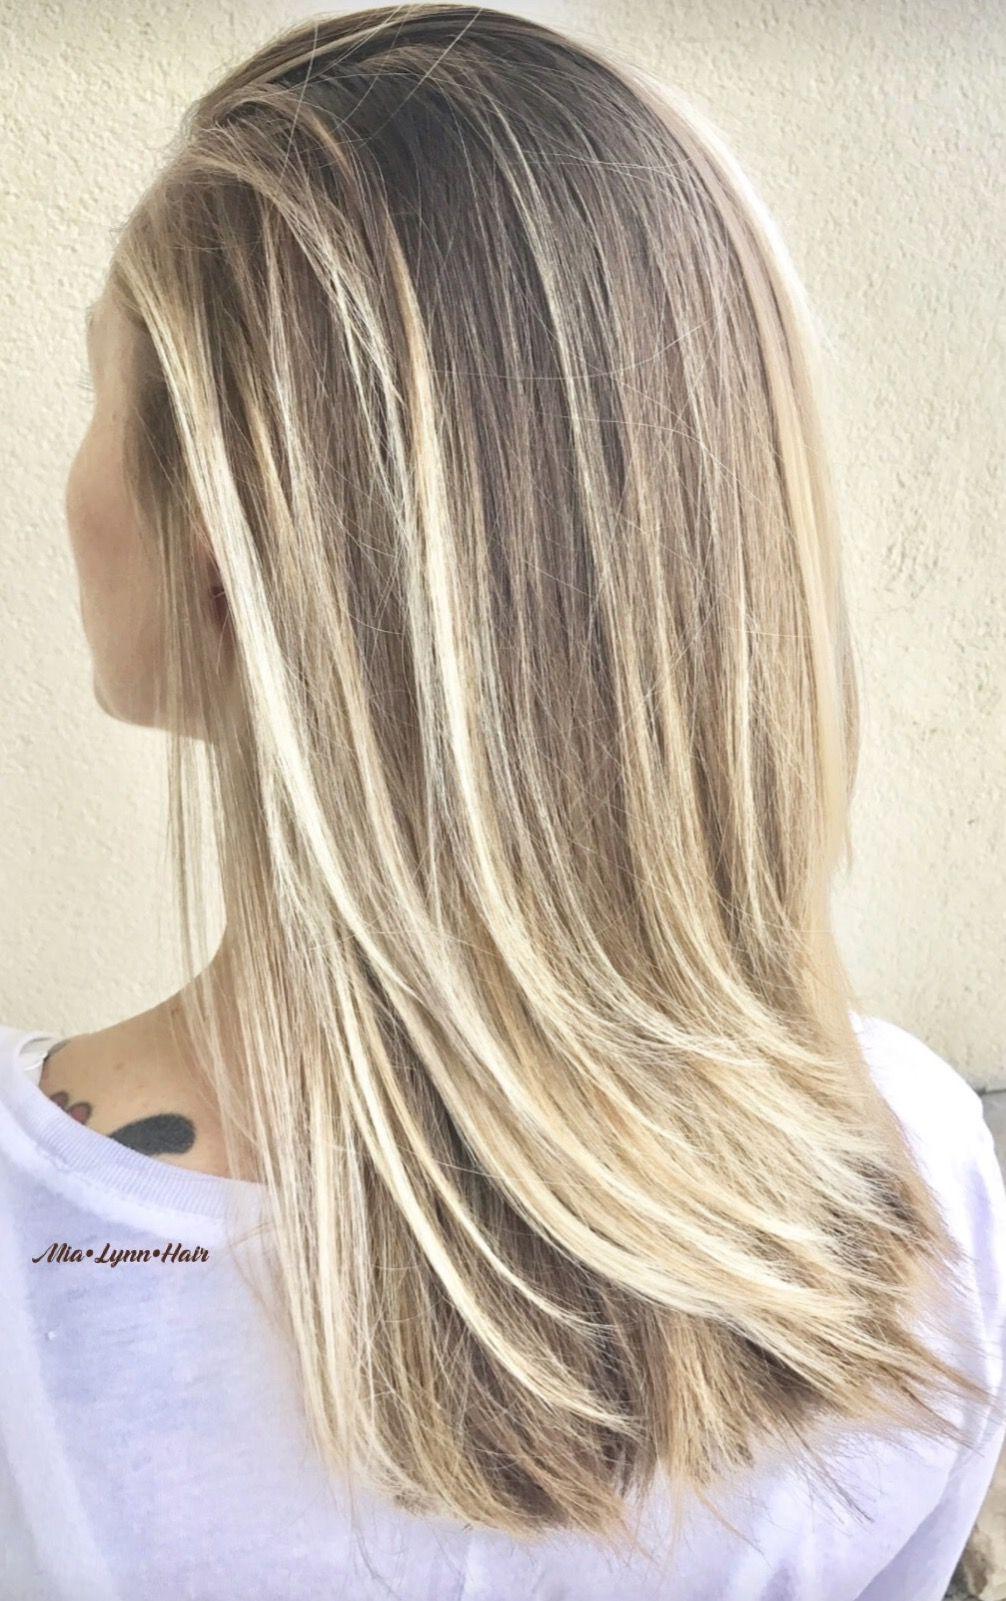 Blonde, blonde hair, Balayage, highlights, balayage